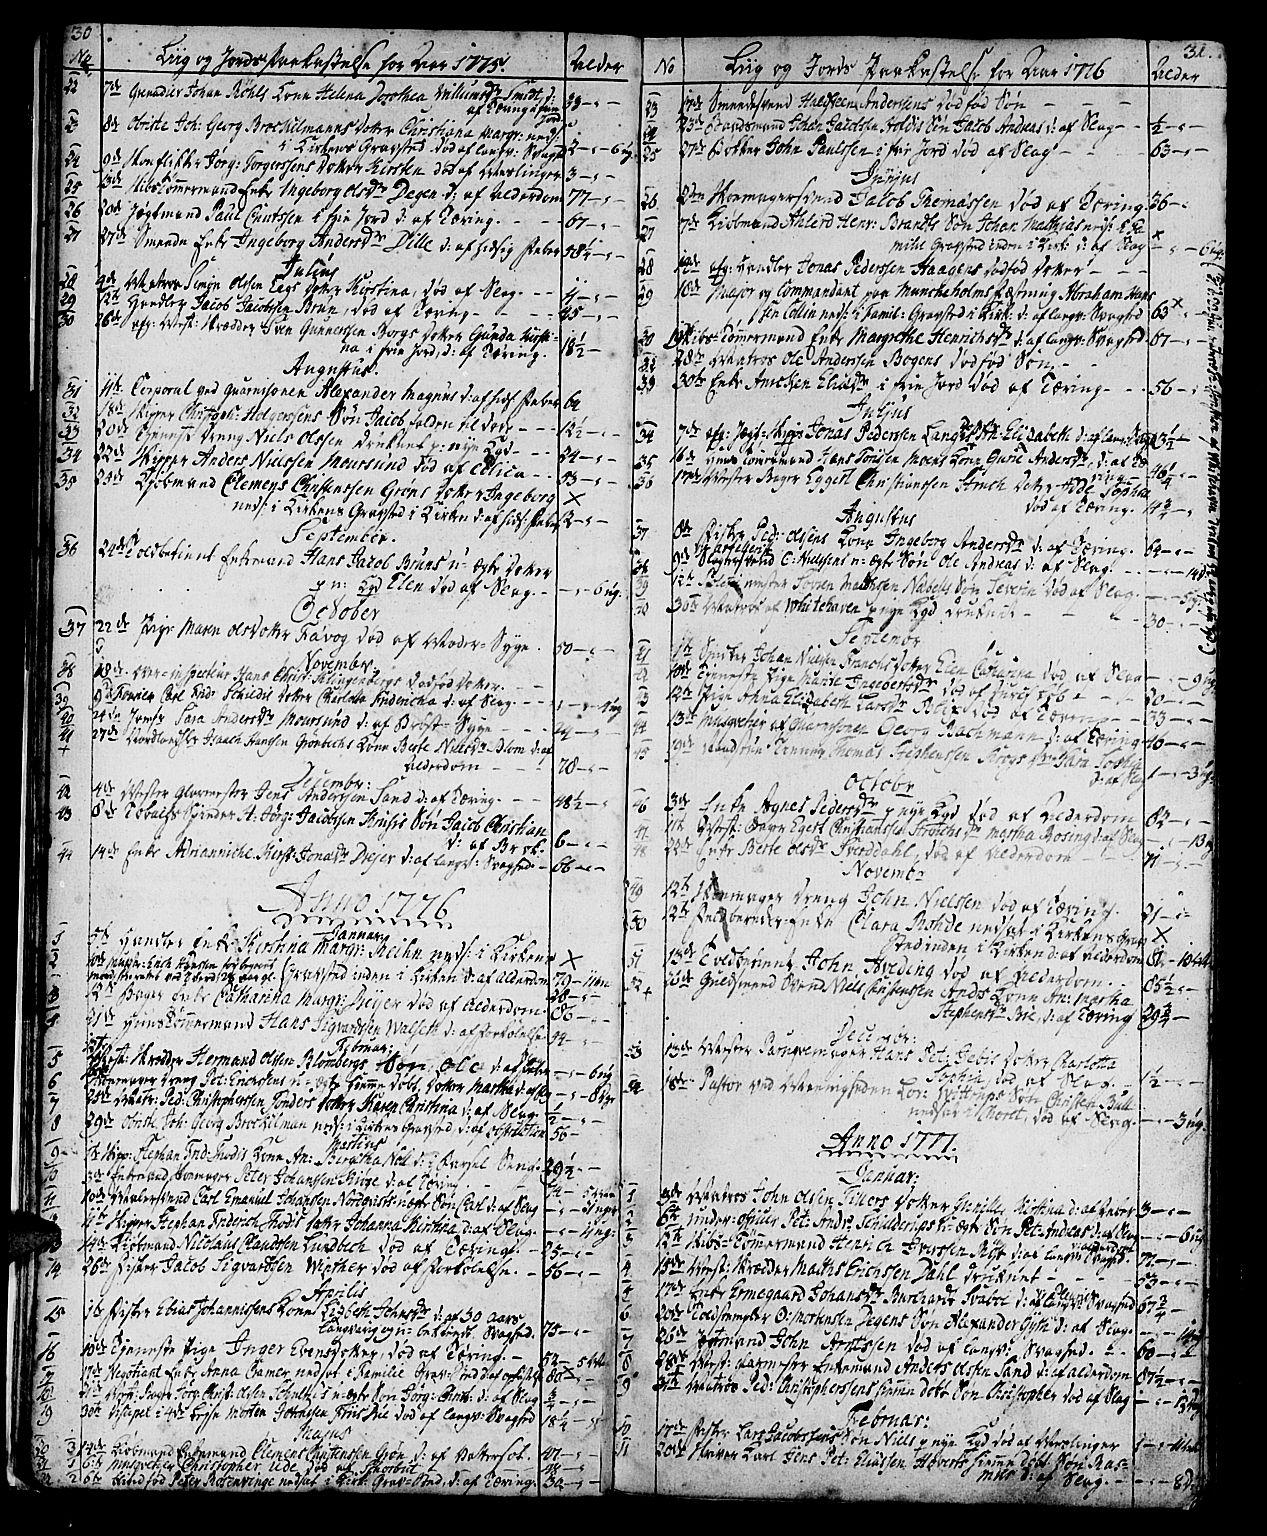 SAT, Ministerialprotokoller, klokkerbøker og fødselsregistre - Sør-Trøndelag, 602/L0134: Klokkerbok nr. 602C02, 1759-1812, s. 30-31